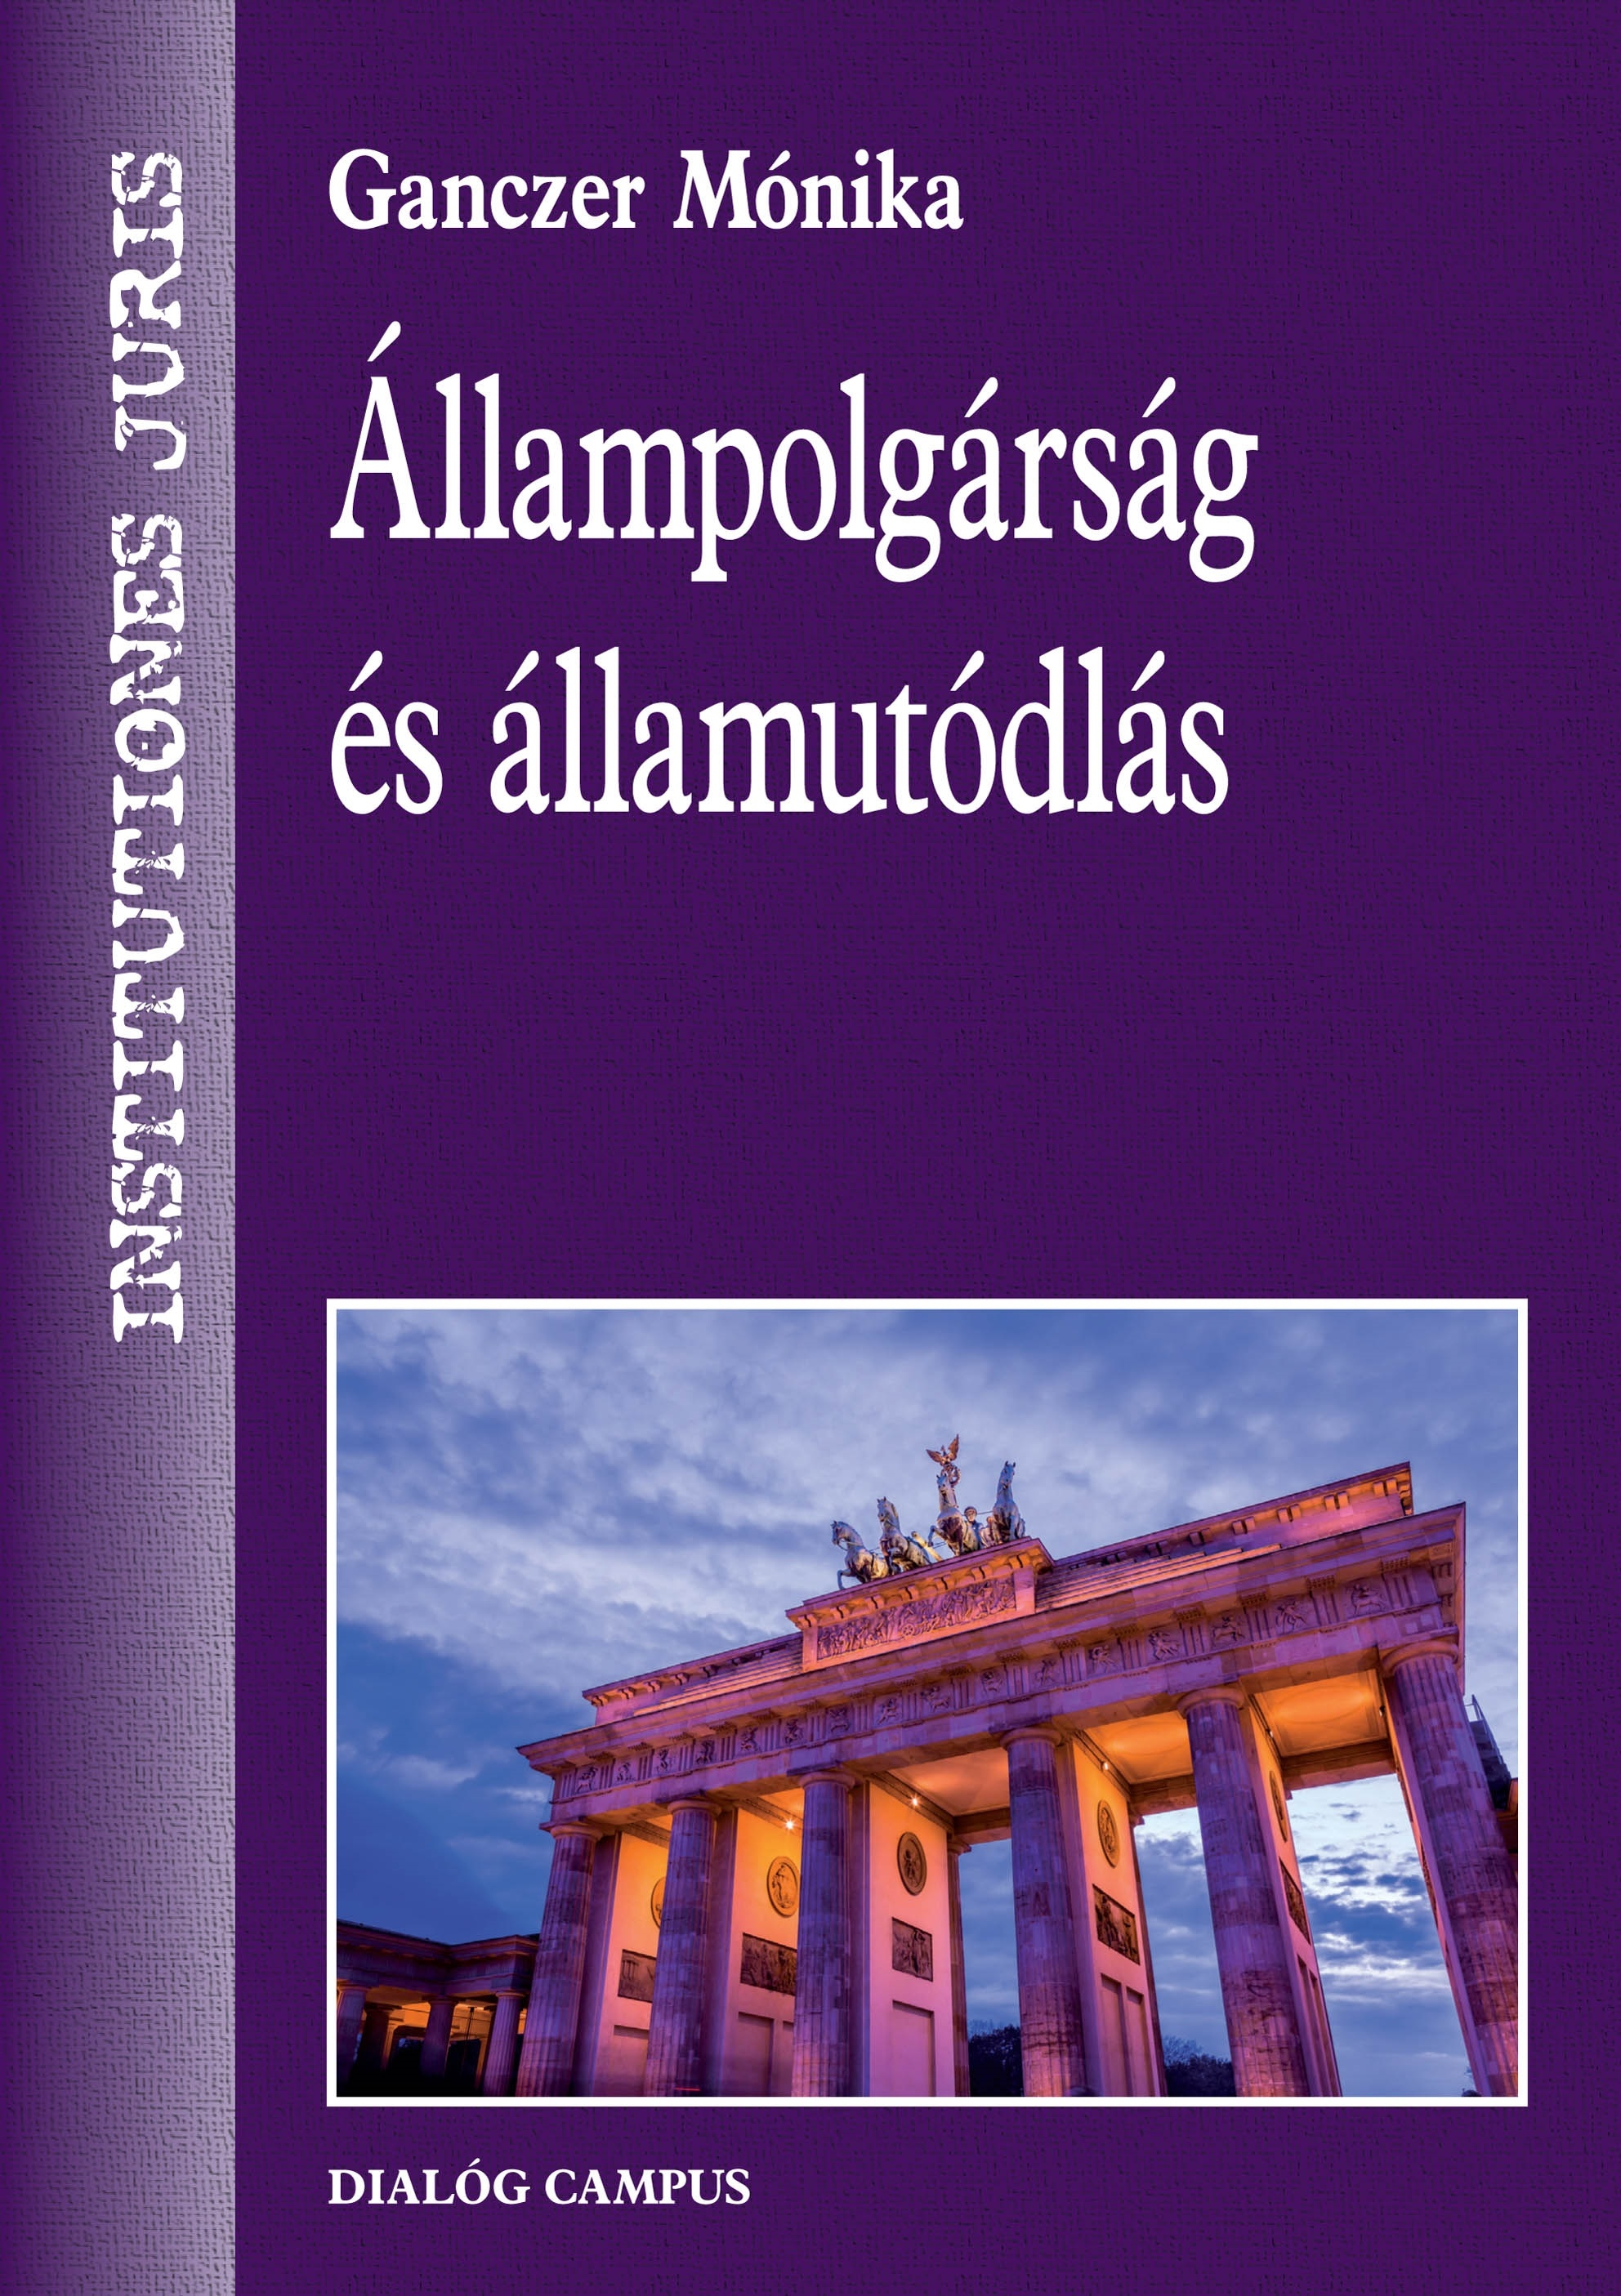 Megjelent Ganczer Mónika: Állampolgárság és államutódlás című könyve